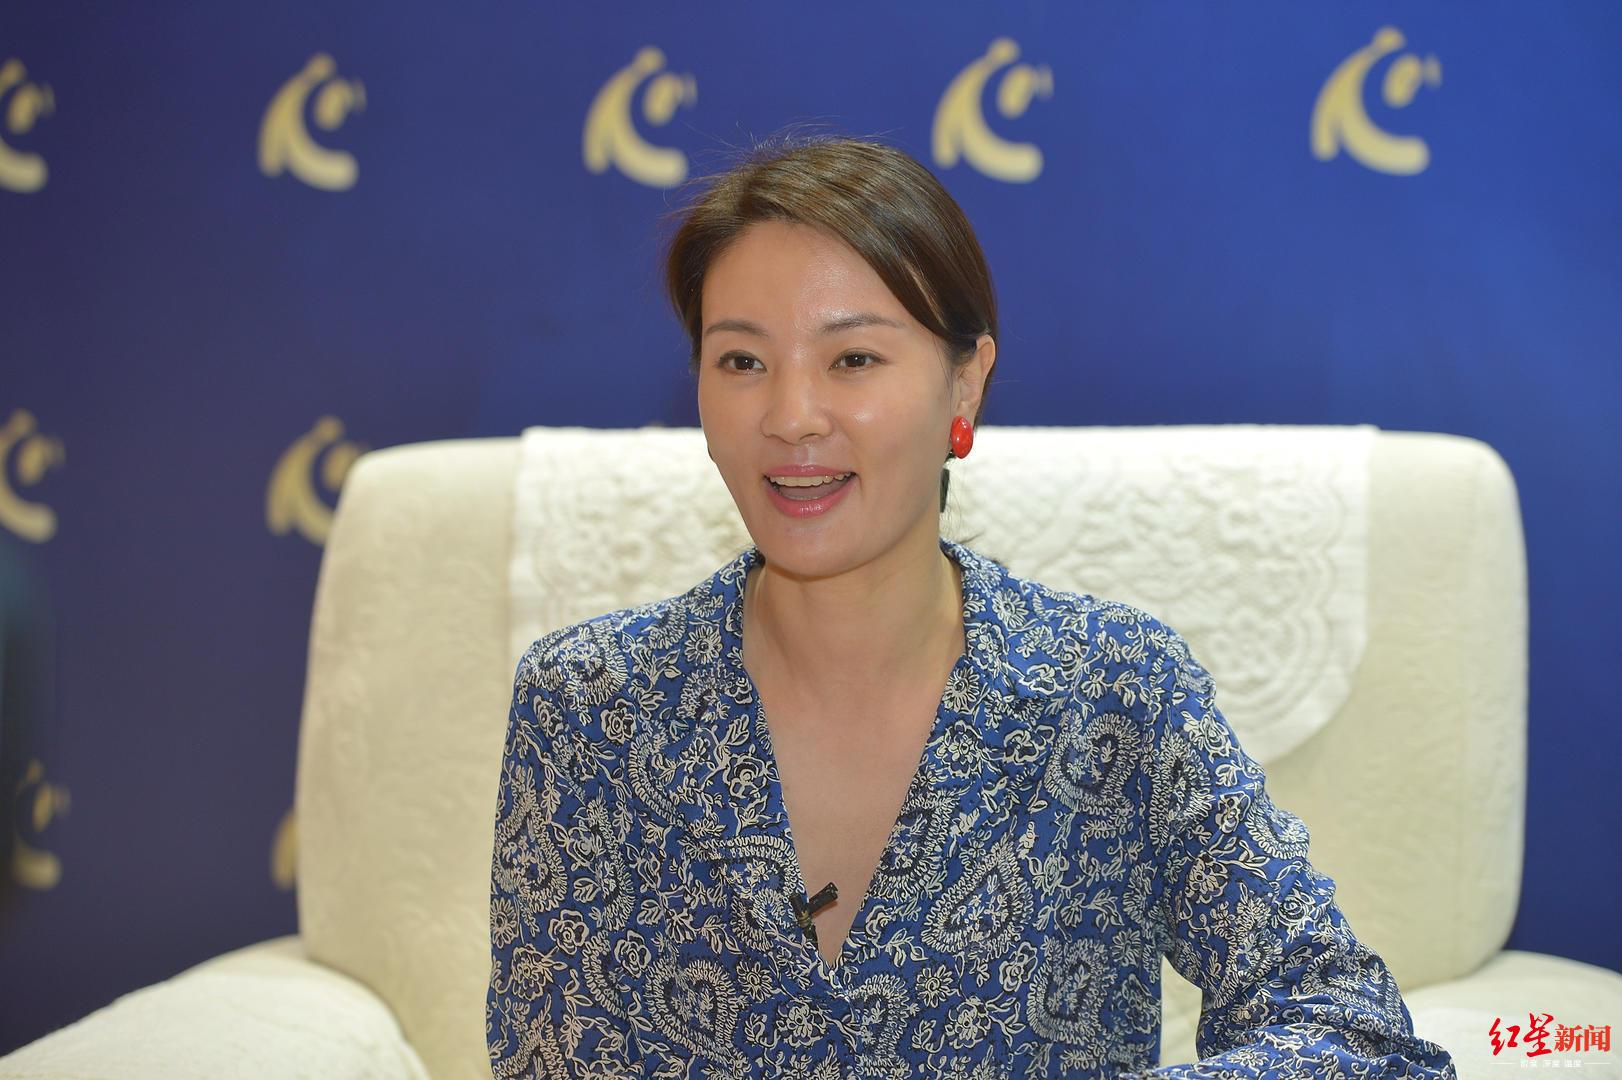 央视主持人刘芳菲谈成都:城市包裹着历史,人们创造着现代生活